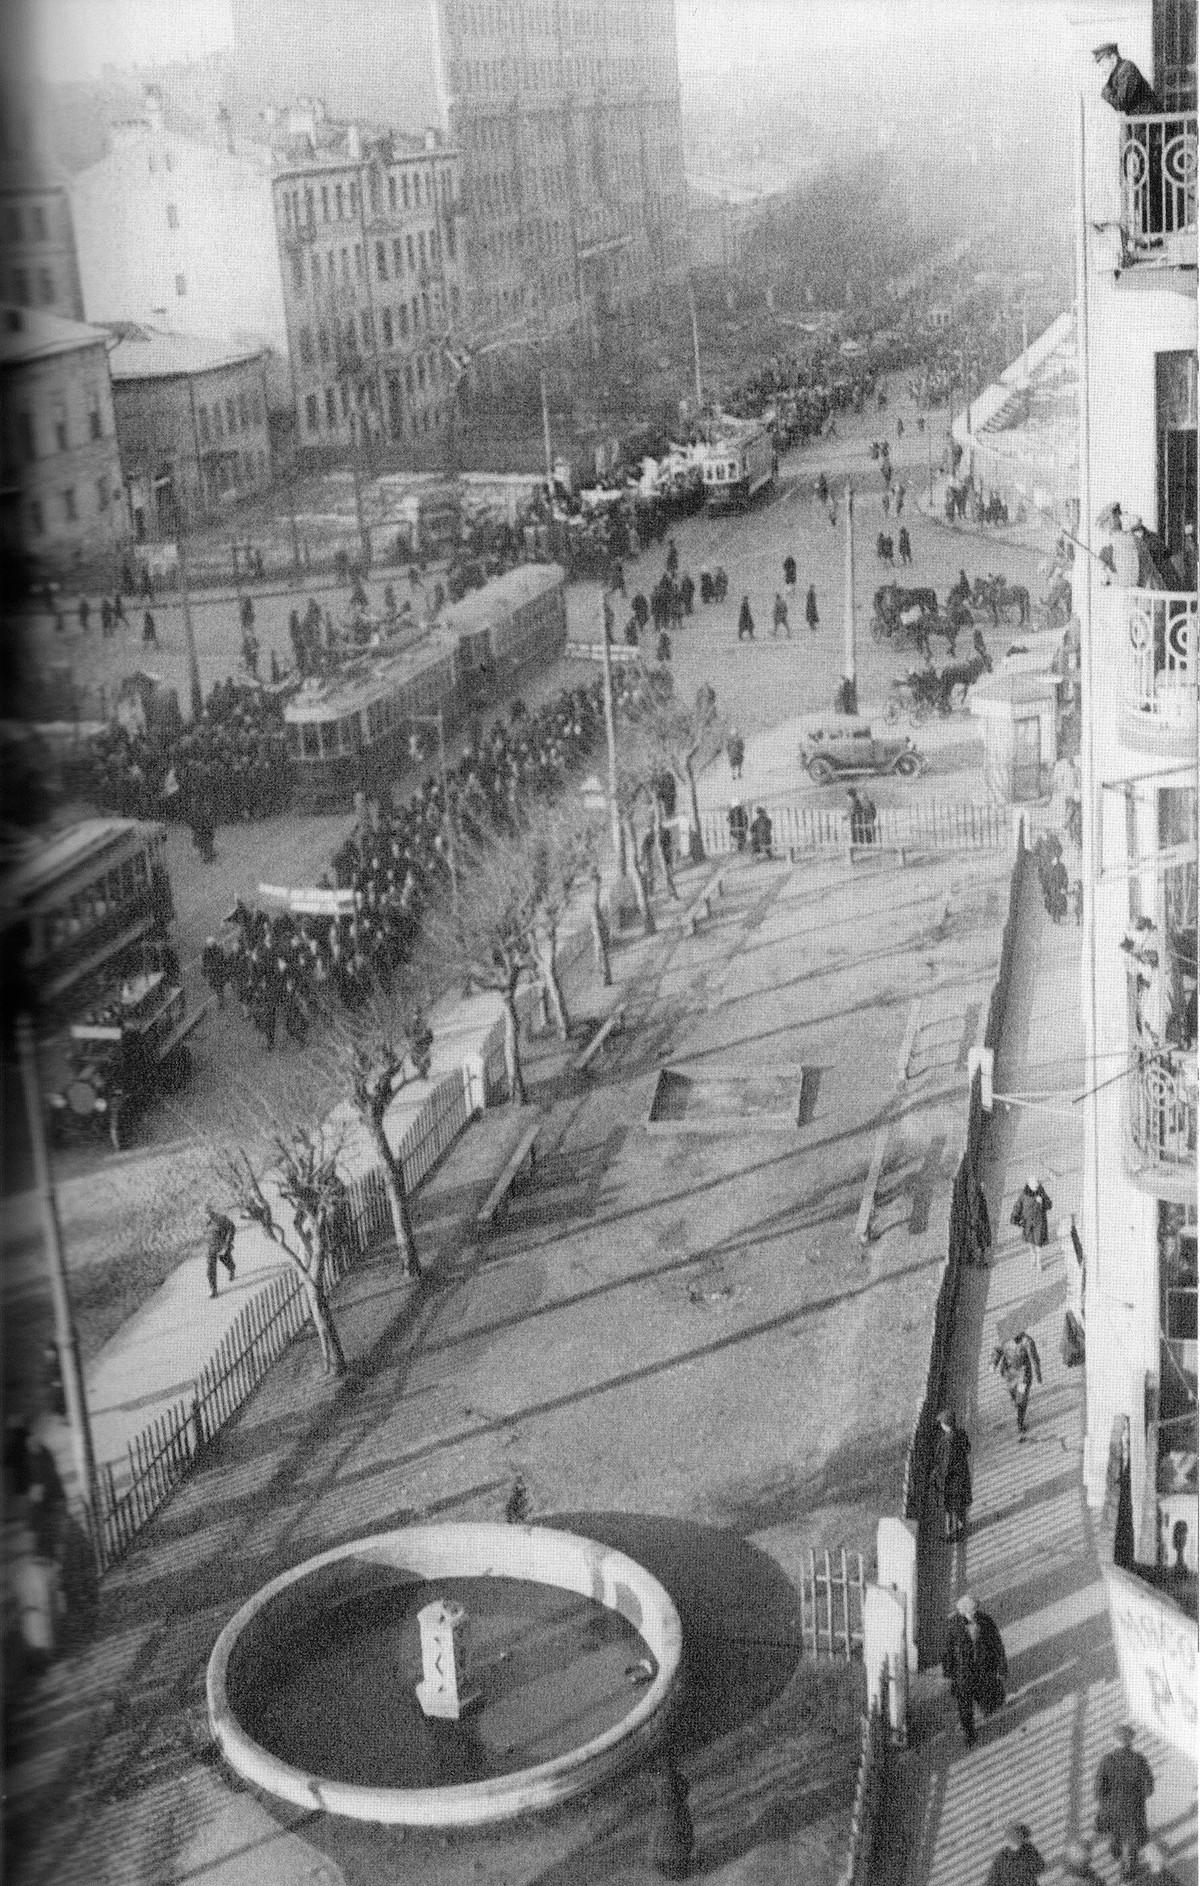 Mosca in una foto scattata da Ilja Ilf